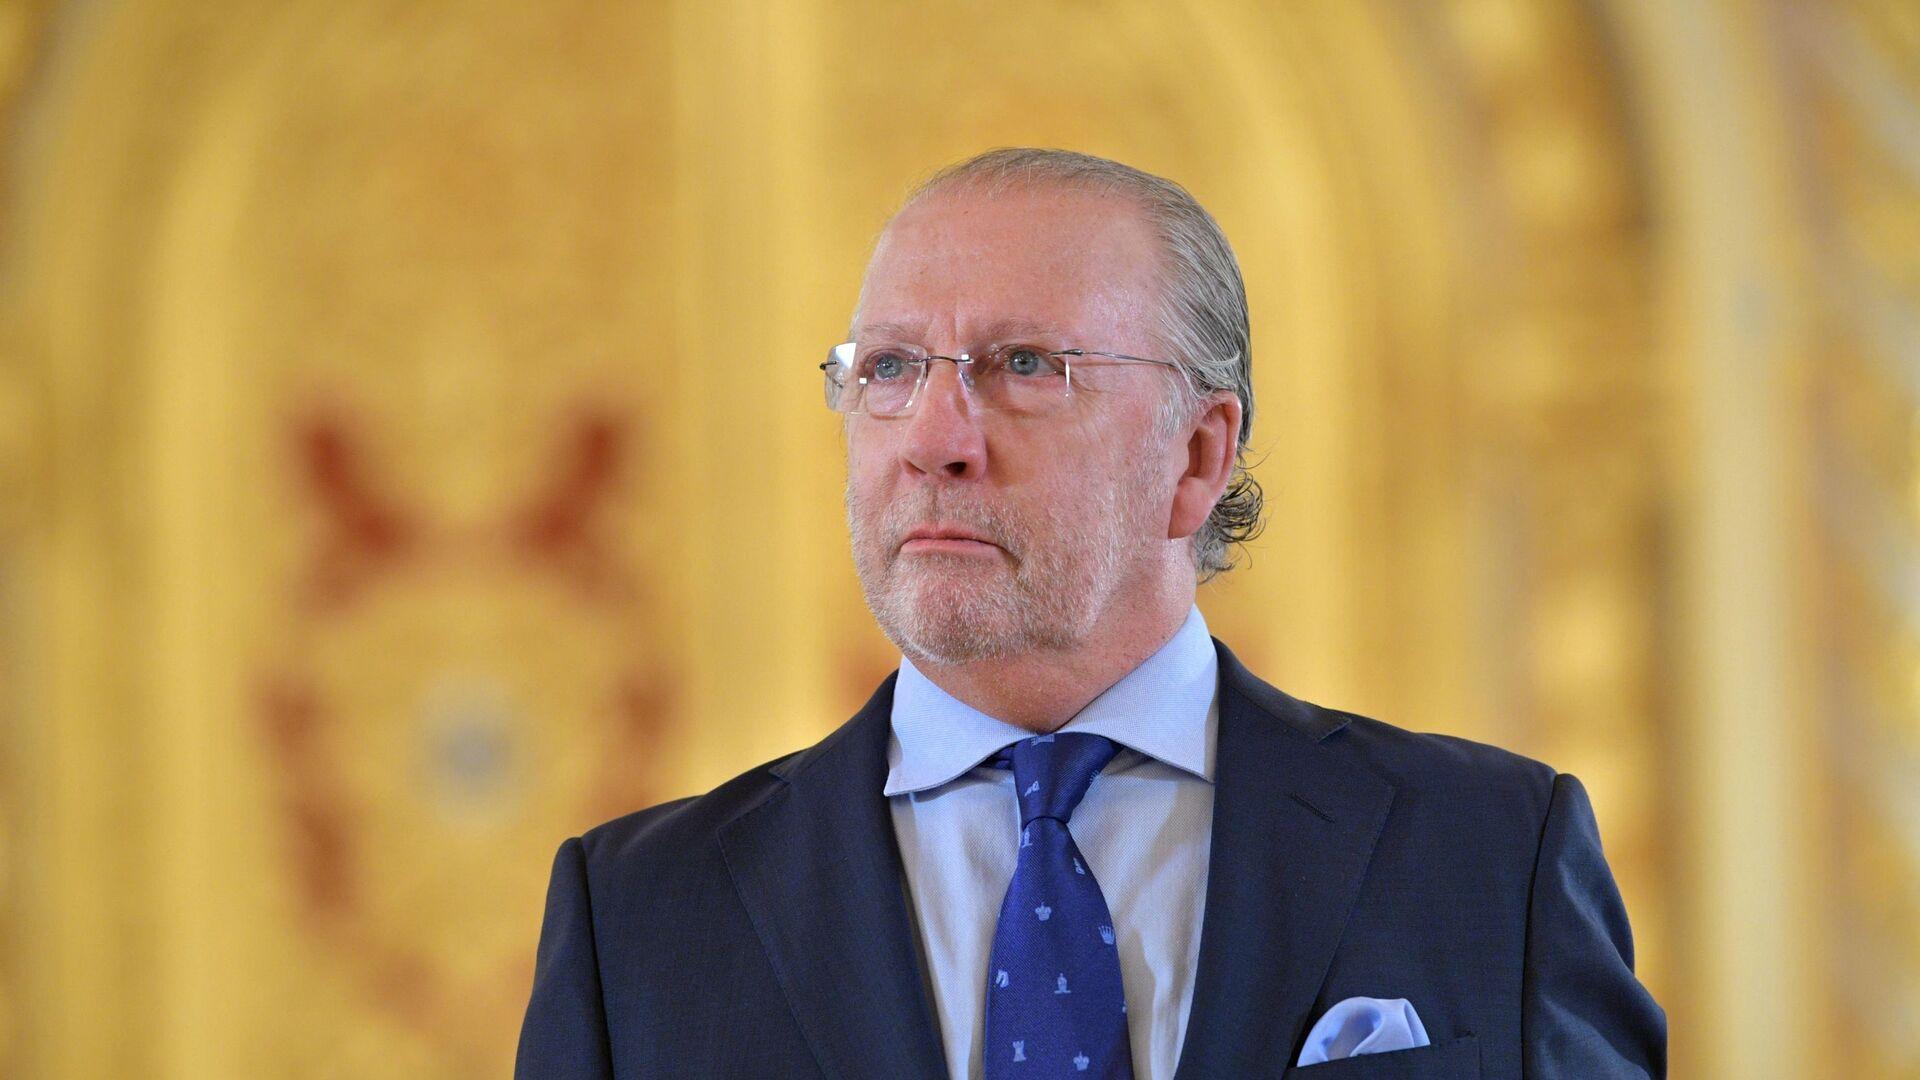 Fernando Valderrama Pareja, el embajador de España en Moscú  - Sputnik Mundo, 1920, 05.06.2021